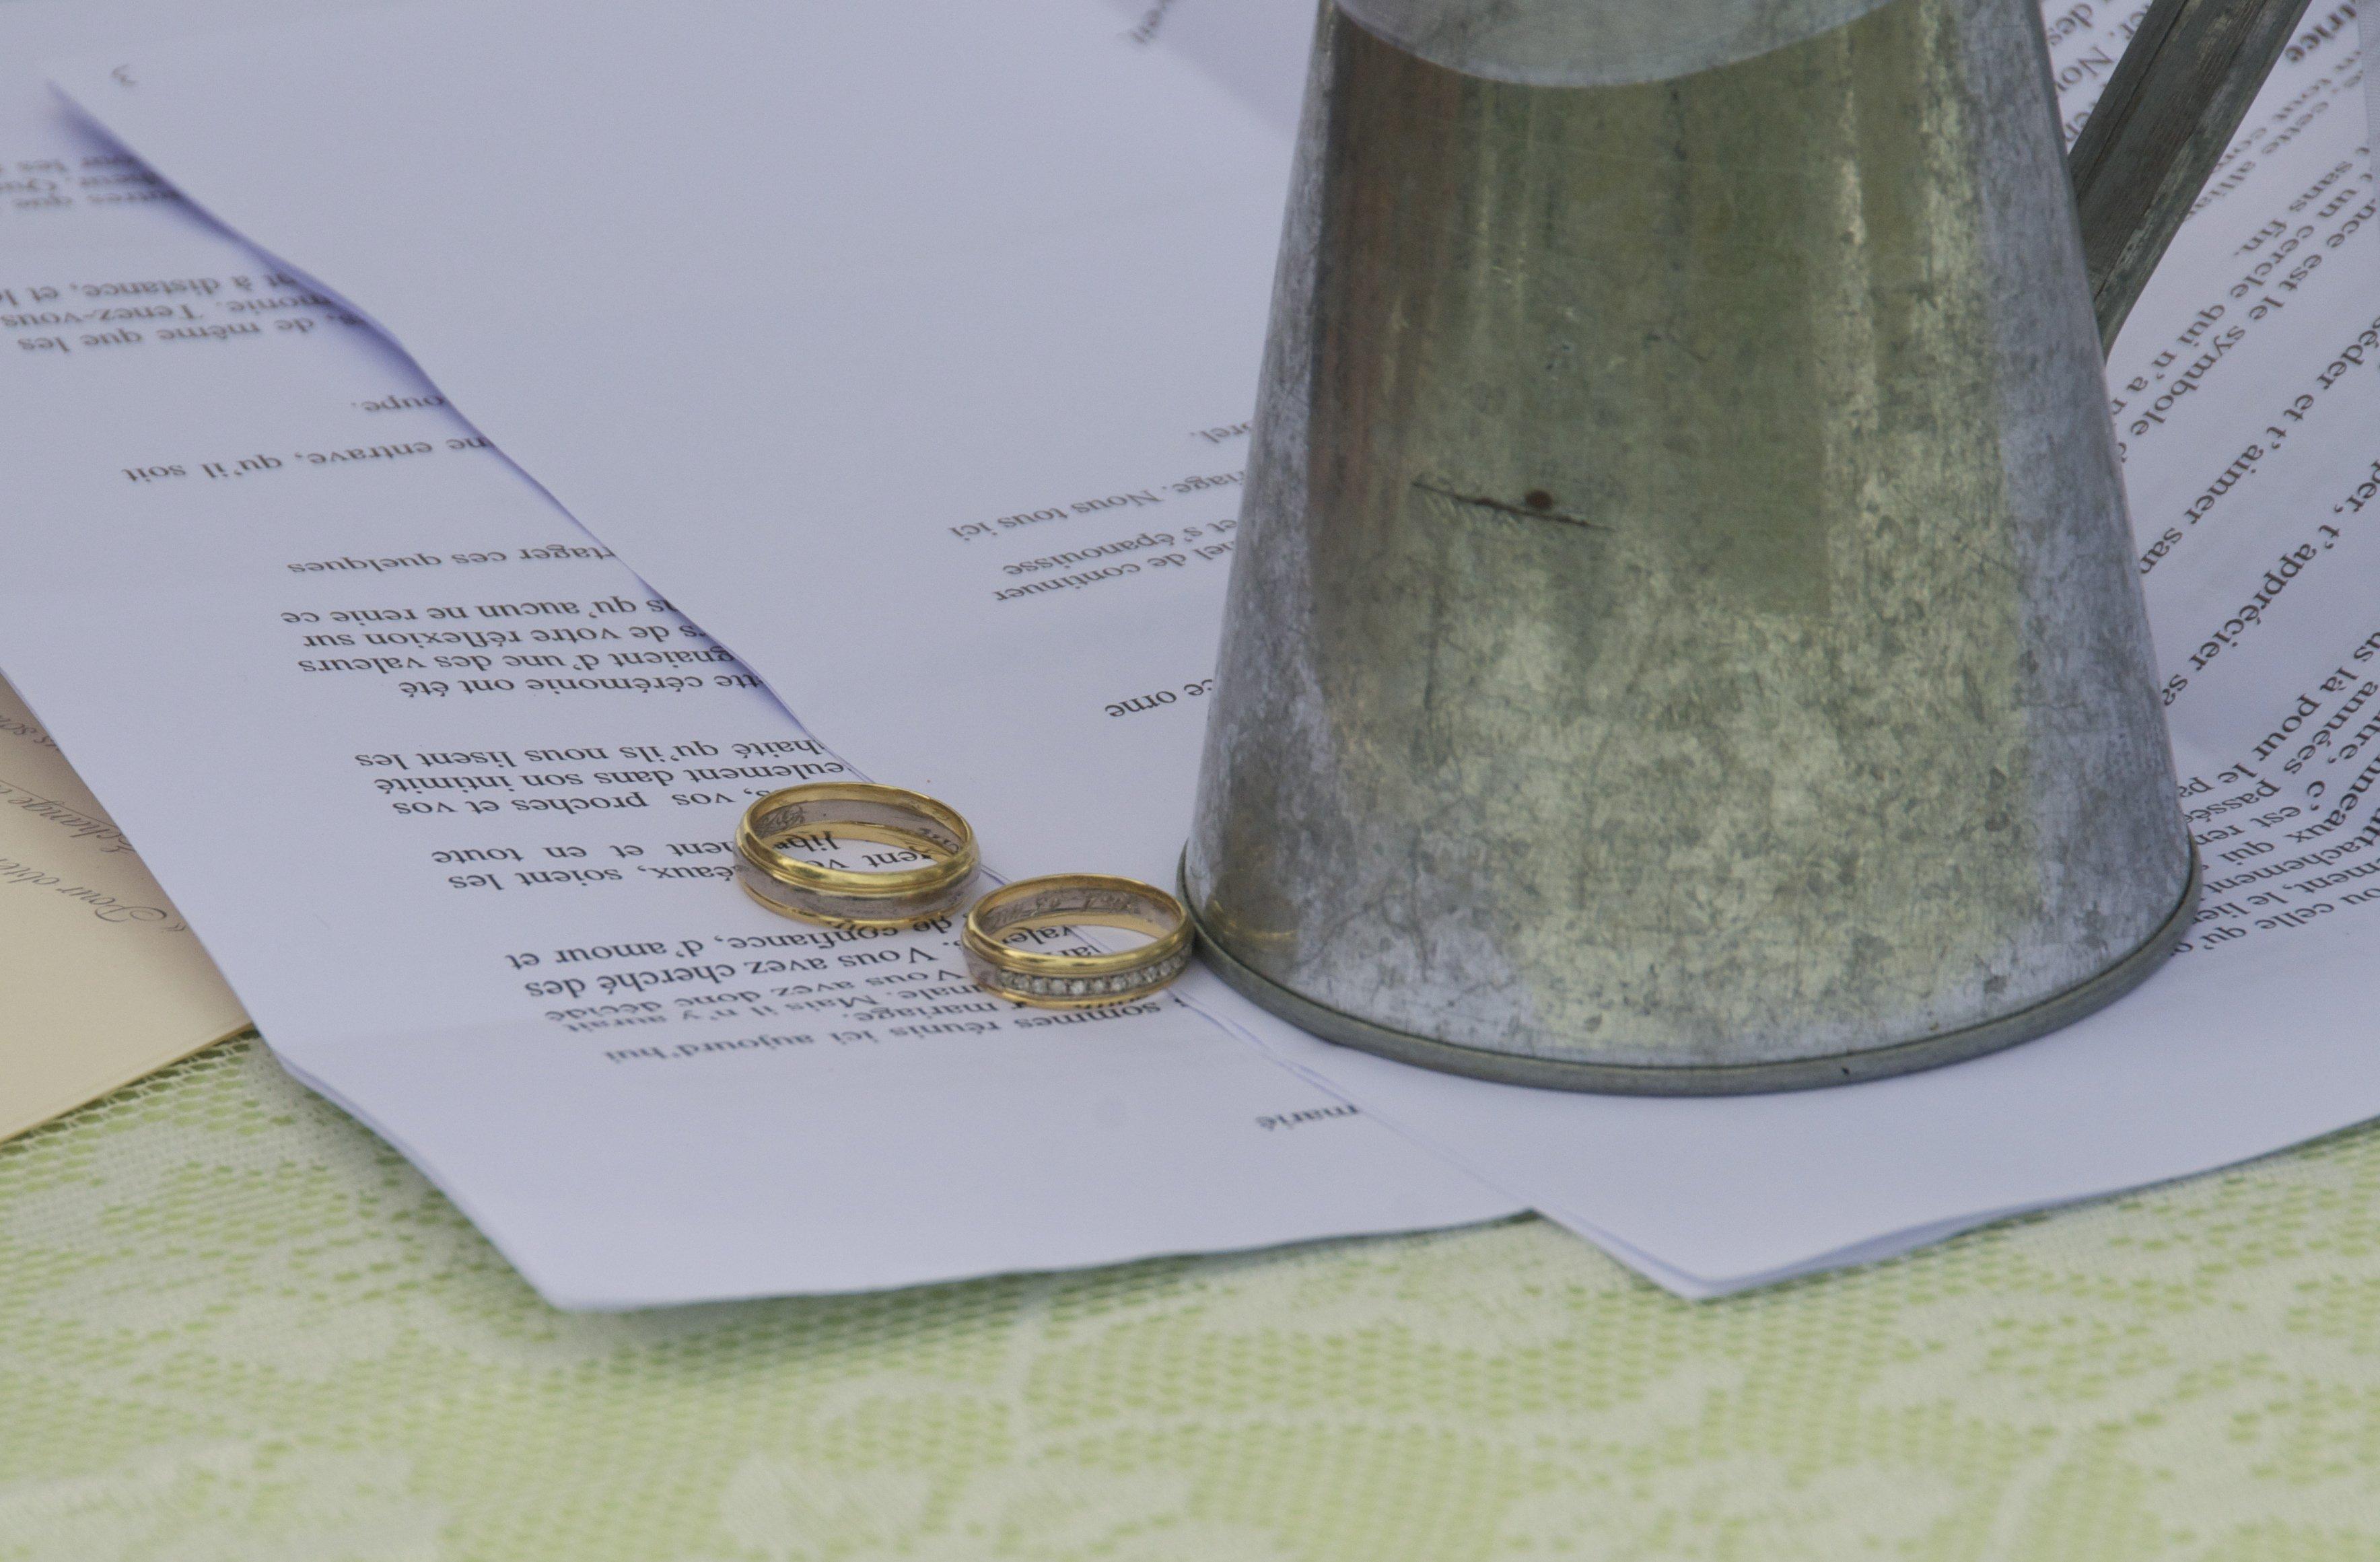 particolare di fedi nuziali e contratto matrimoniale